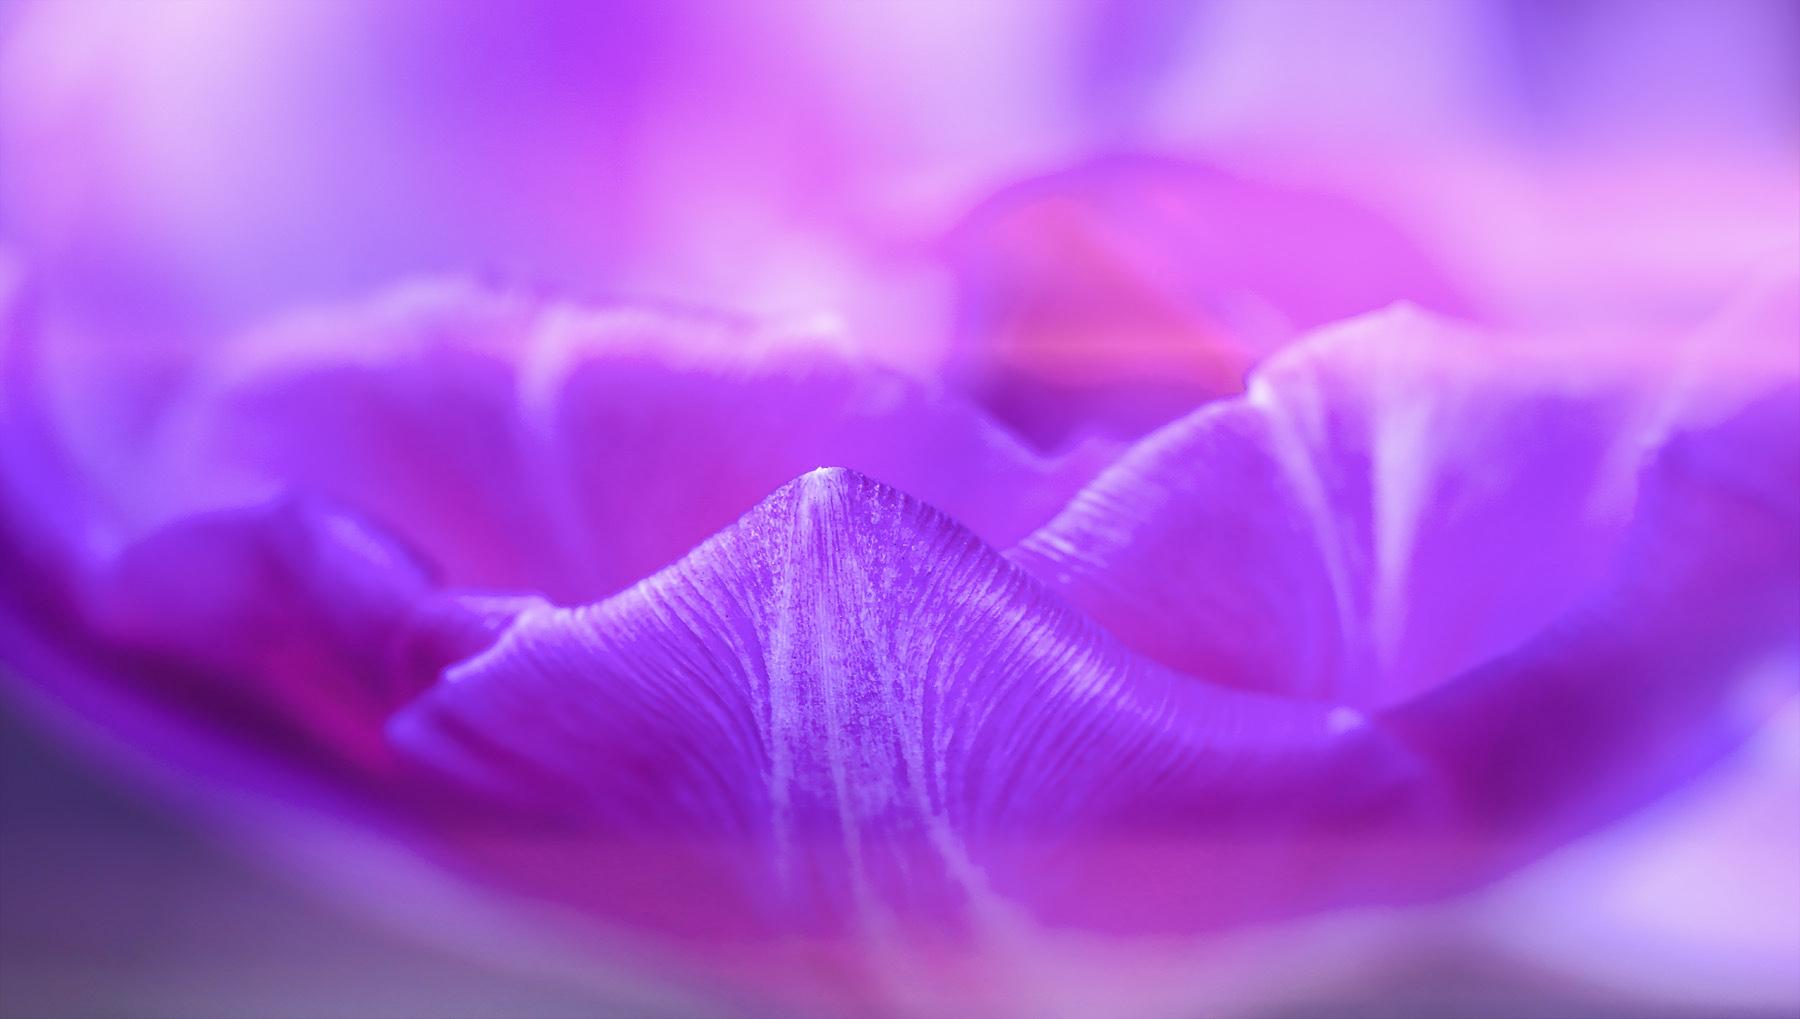 lila leuchtet es in unserem herzen ...